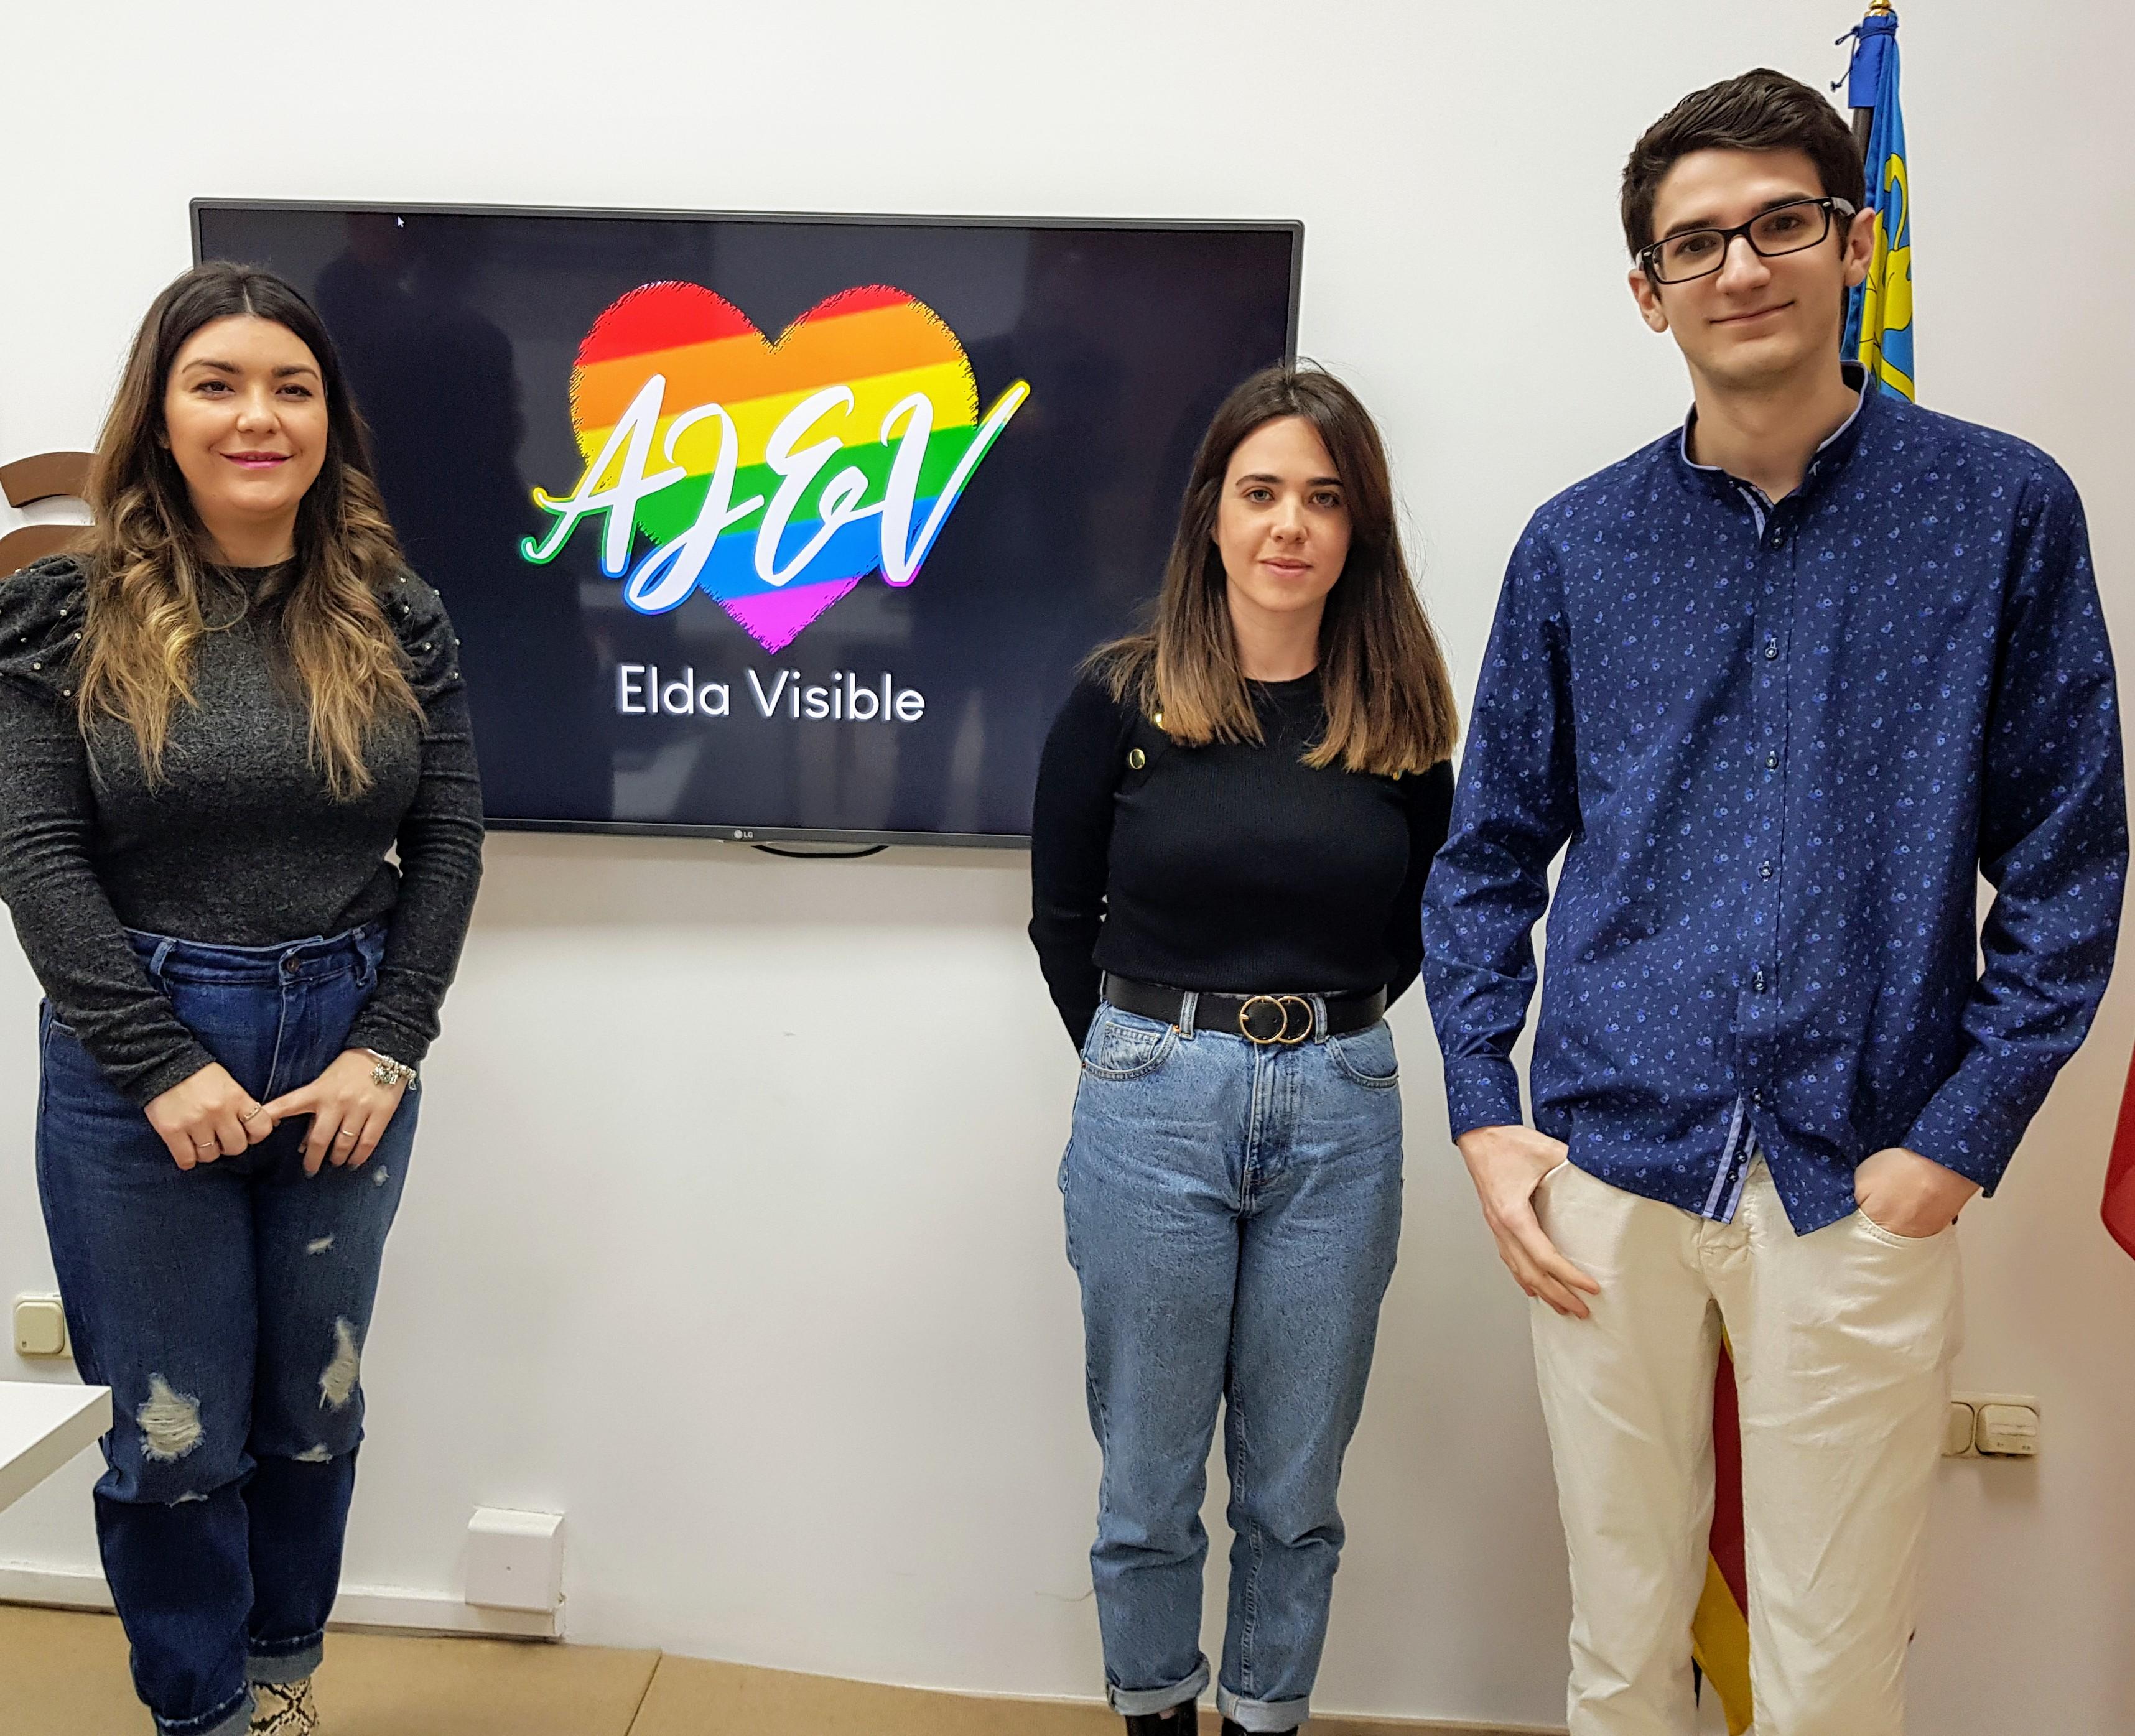 La asociación juvenil Elda Visible nace con el objetivo de reivindicar los derechos del colectivo LGTBI de la ciudad